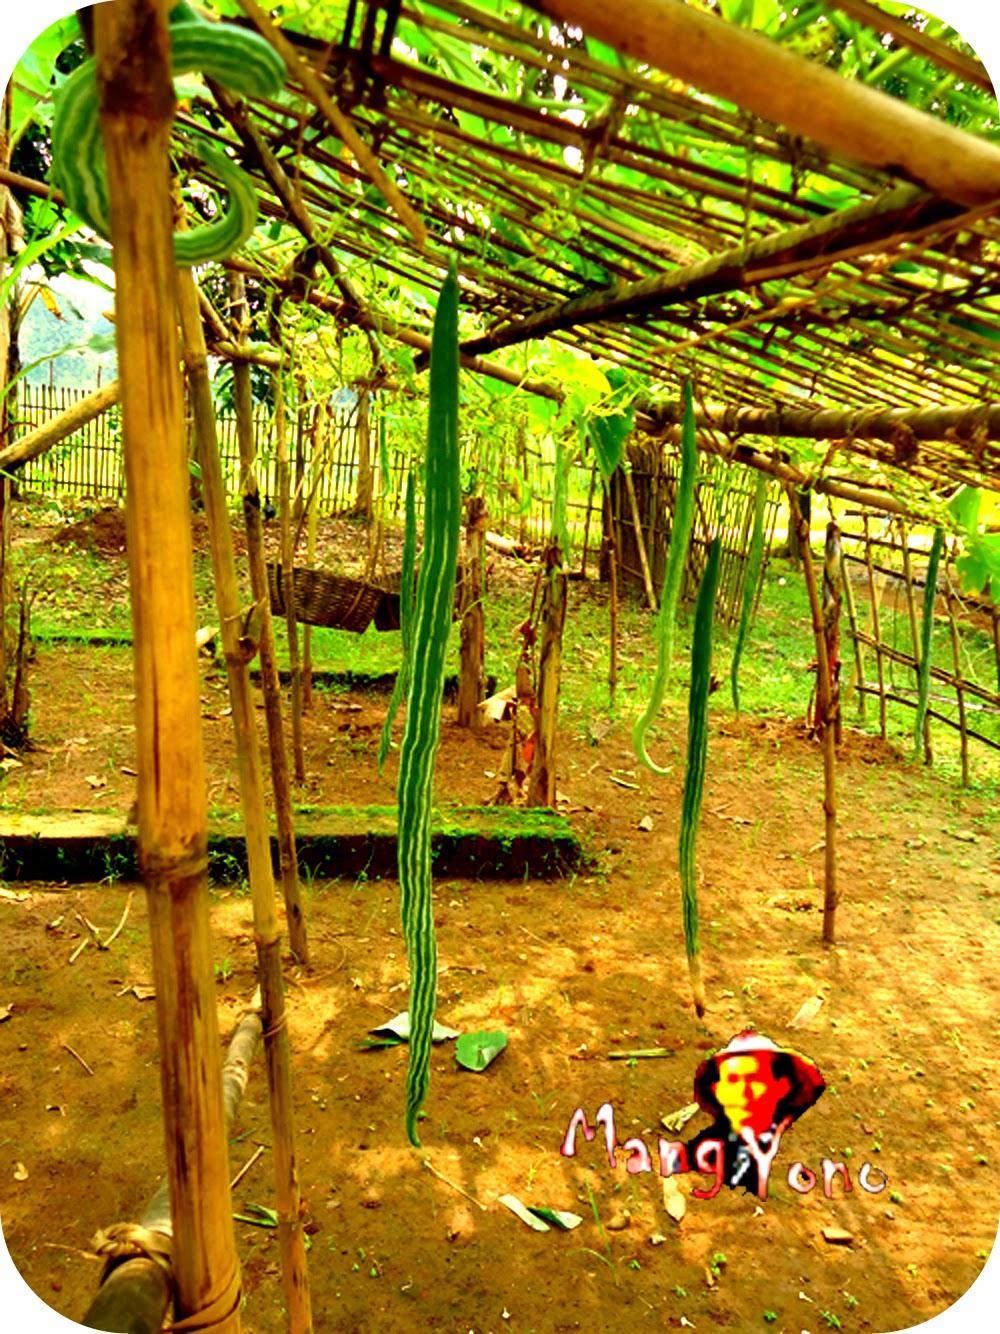 Tanaman Paria Belut bagus untuk tanaman hiasan didepan Rumah